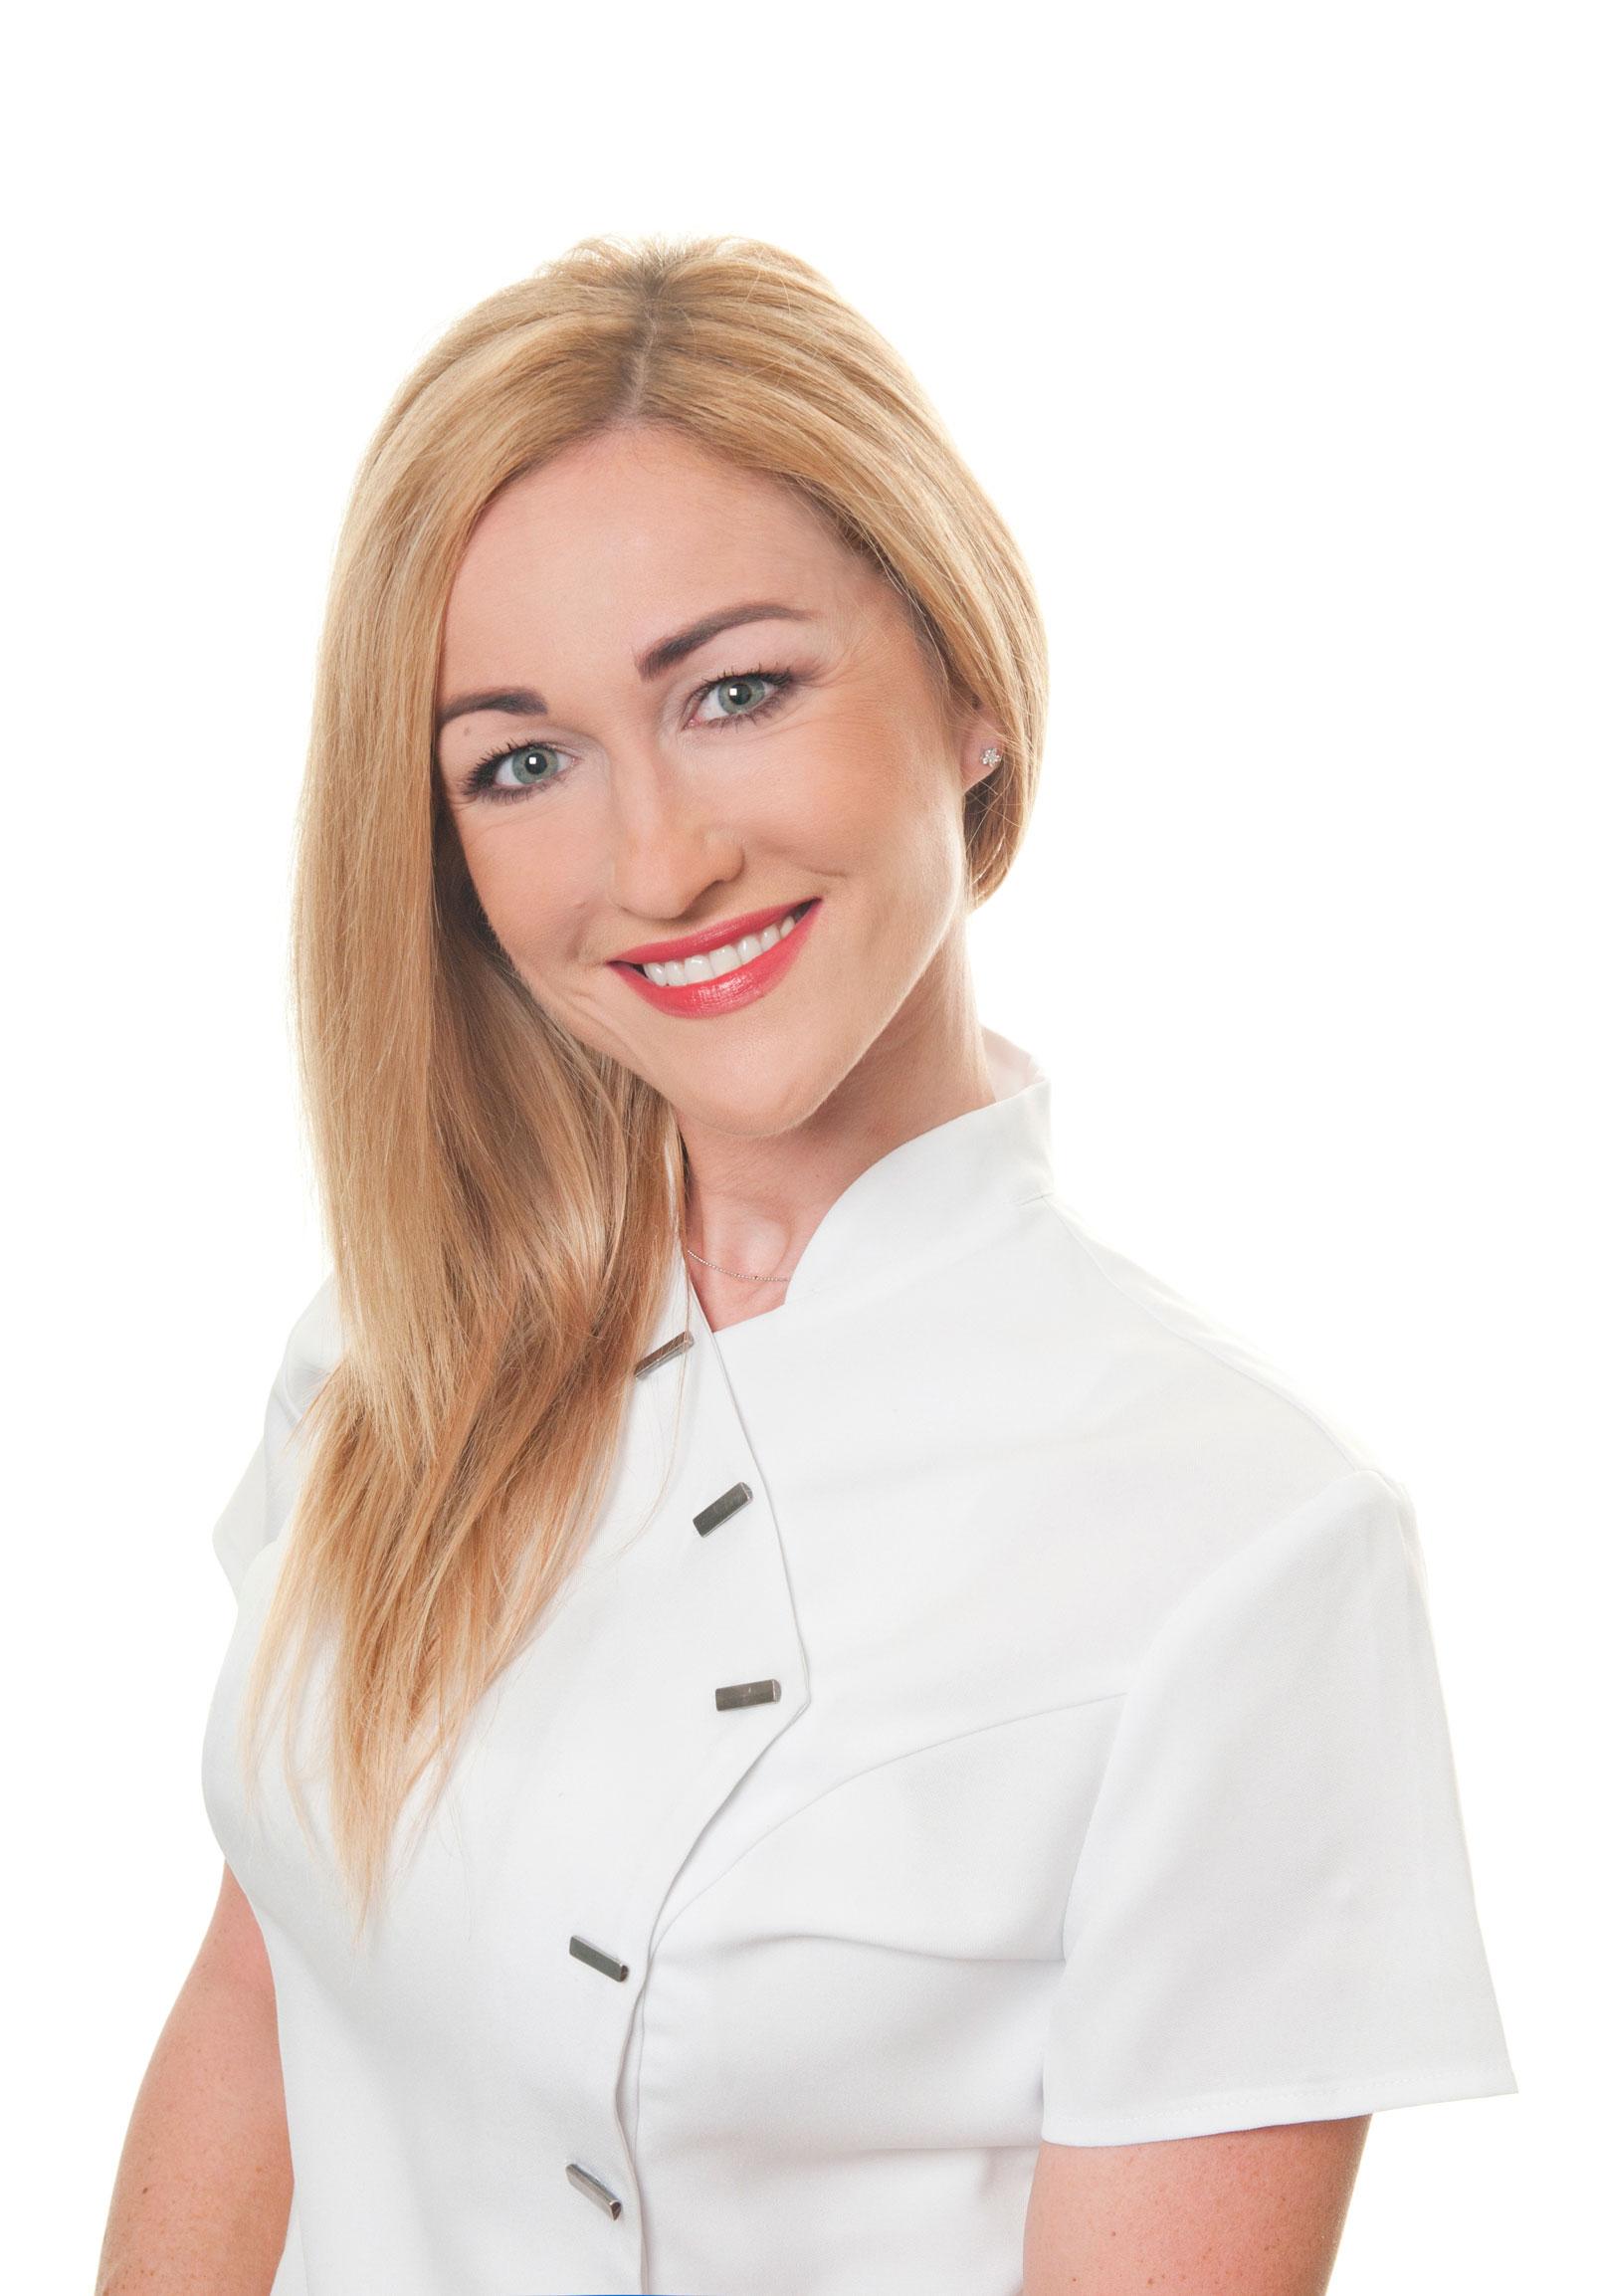 Paulina, Beautician and Entrepreneur